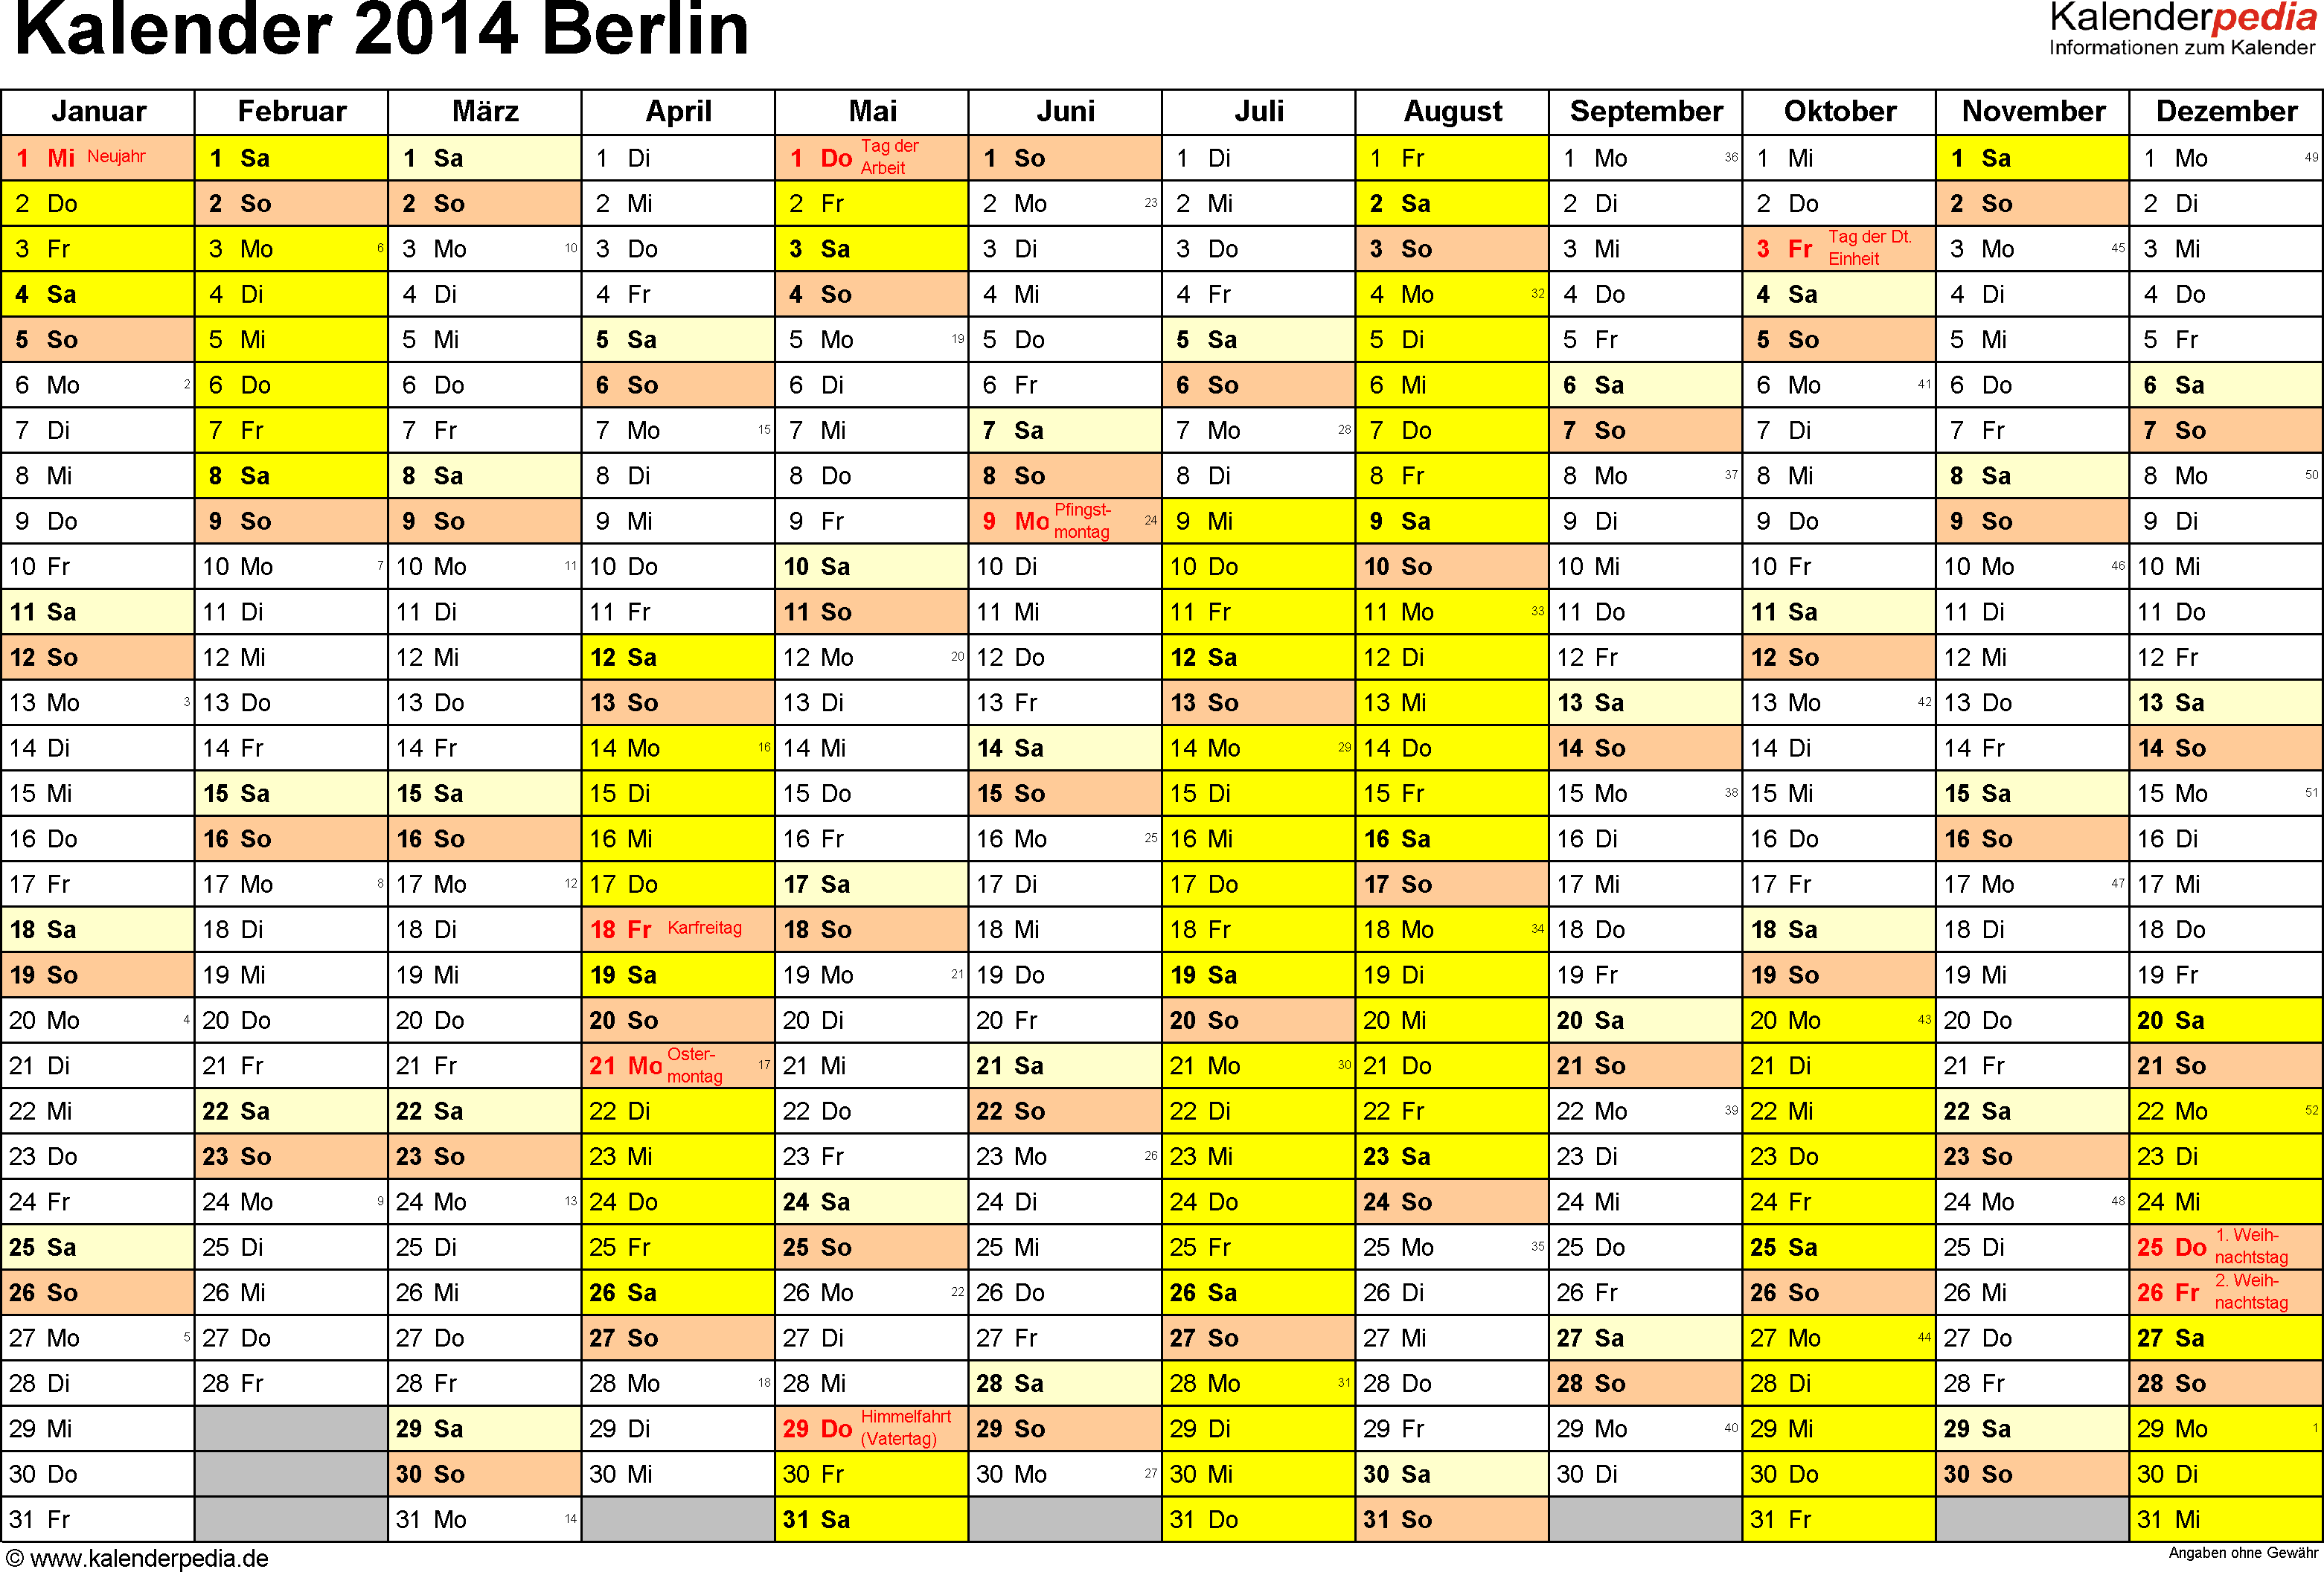 Vorlage 1: Kalender 2014 für Berlin als Excel-Vorlagen (Querformat, 1 Seite)